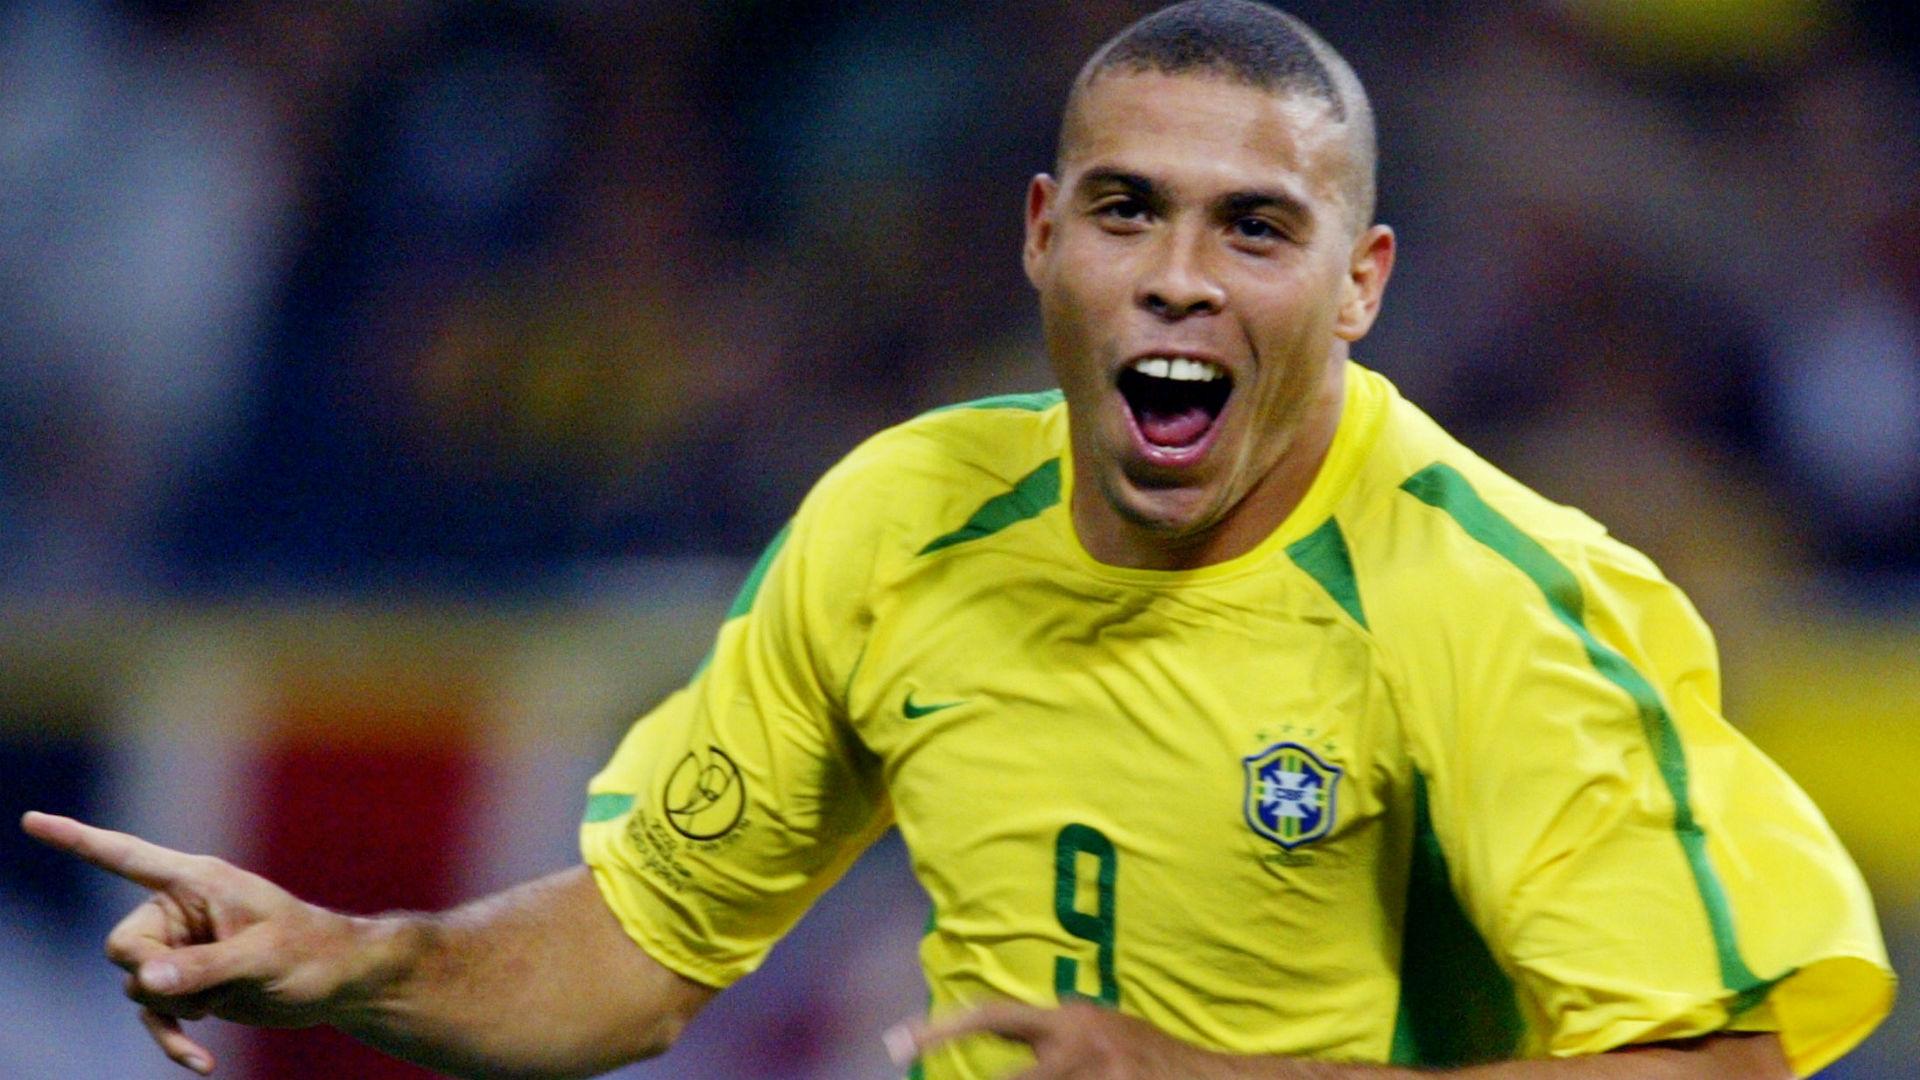 ¿Cuál es el nombre completo de Ronaldo?